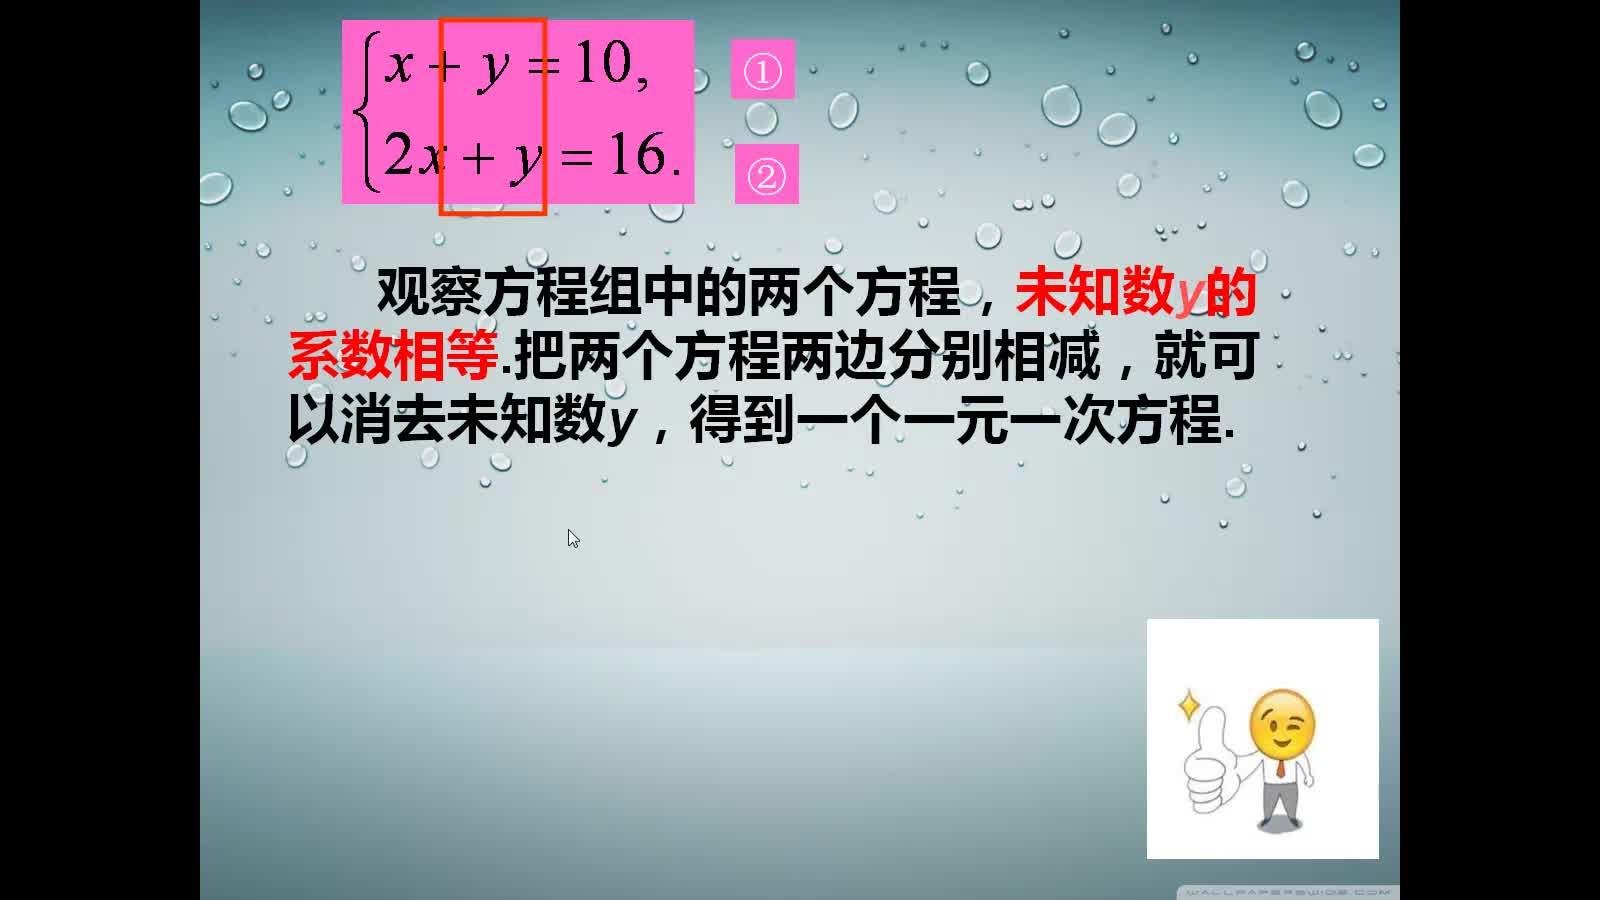 人教版 七年级数学下册 8.2消元——用加减消元法解方程组